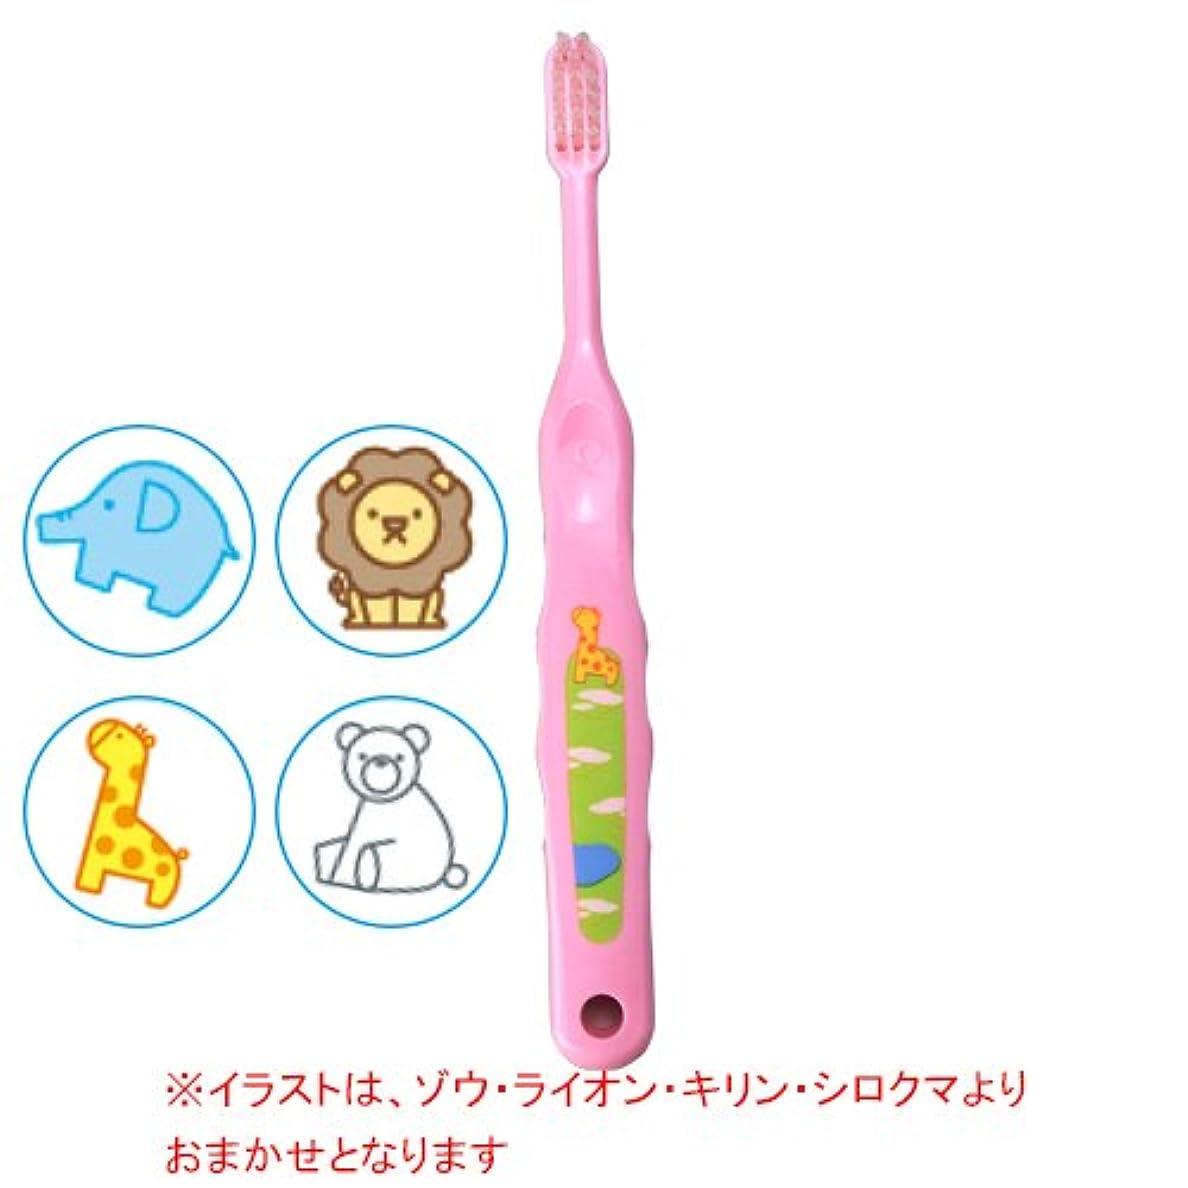 ロータリー窒息させるフロントCiメディカル Ci なまえ歯ブラシ 503 (やわらかめ) (乳児から小学生向)1本 (ピンク)